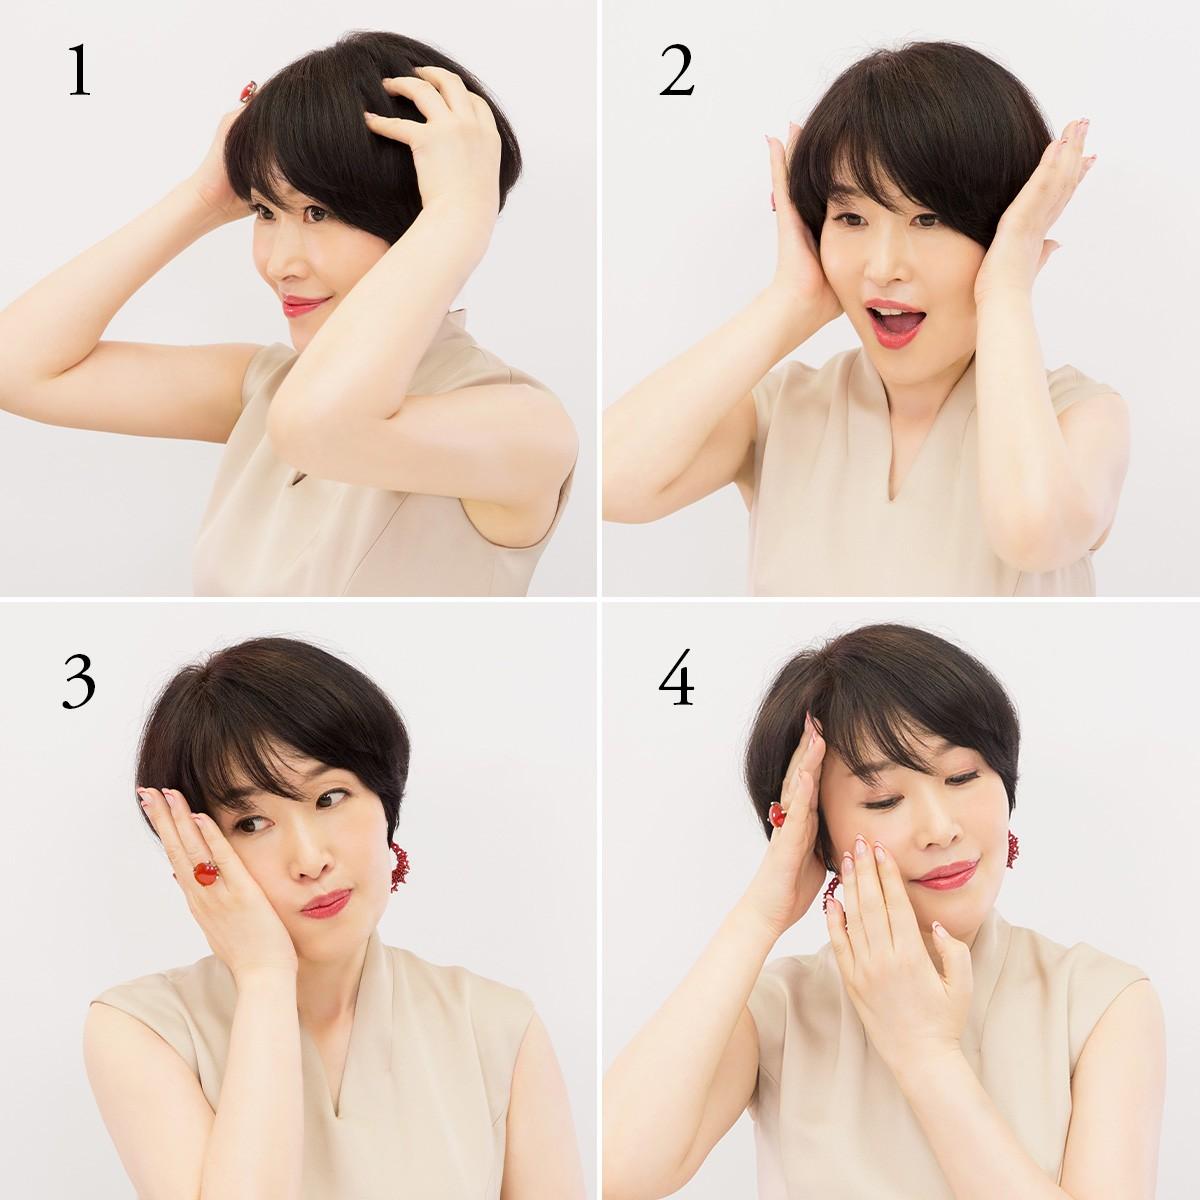 【スペシャルウェビナー開催】美容家・小林ひろ美さんが最新毛穴ケアを伝授! マキア公式ブロガーがアスタリフトの毛穴からスパルタ泡美容を体感_11